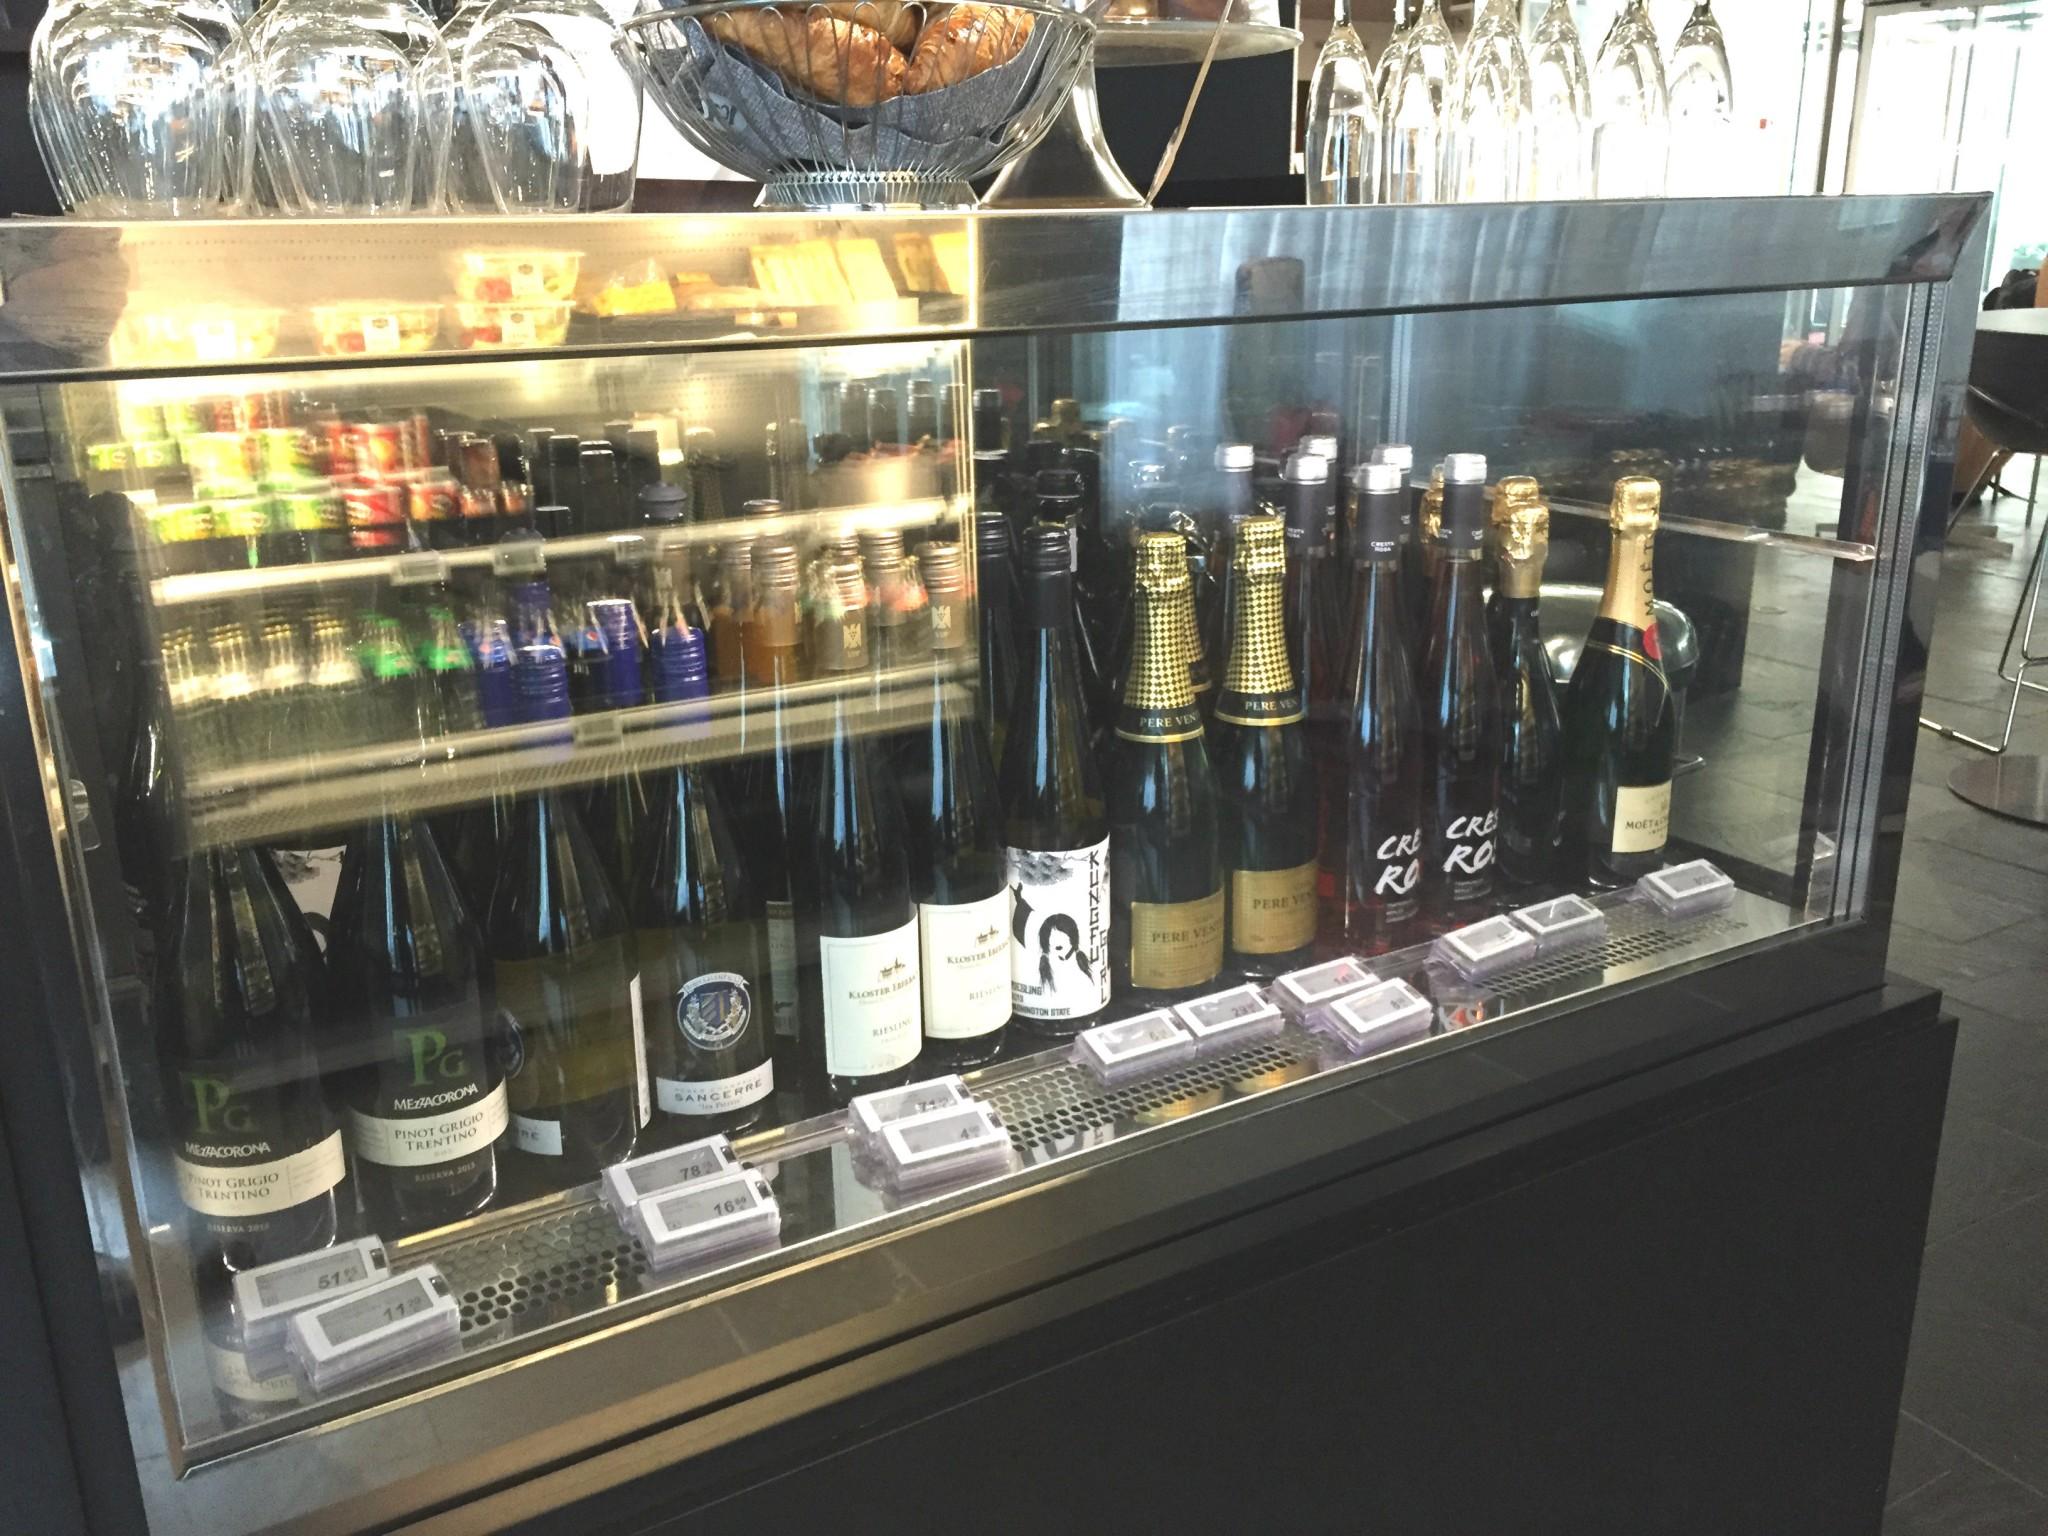 Viini- kuten muukin alkoholivalikoima on kohdallaan